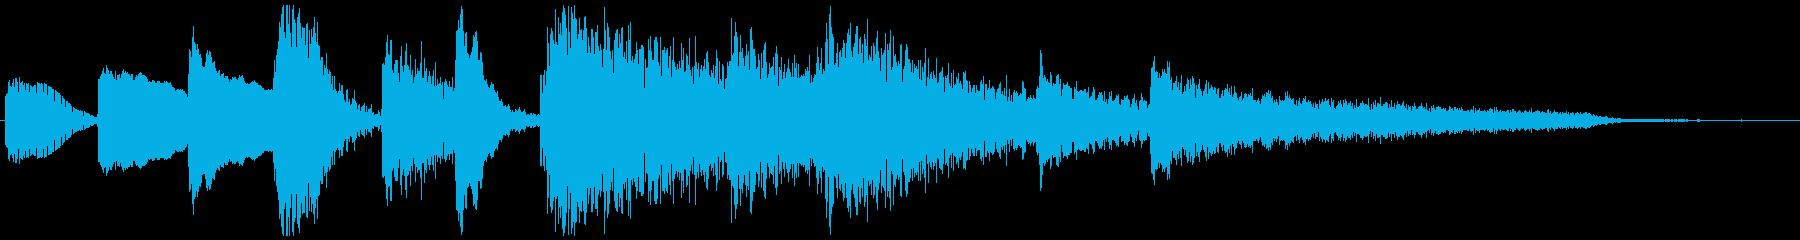 ピアノのプレーンなジングル 5秒の再生済みの波形